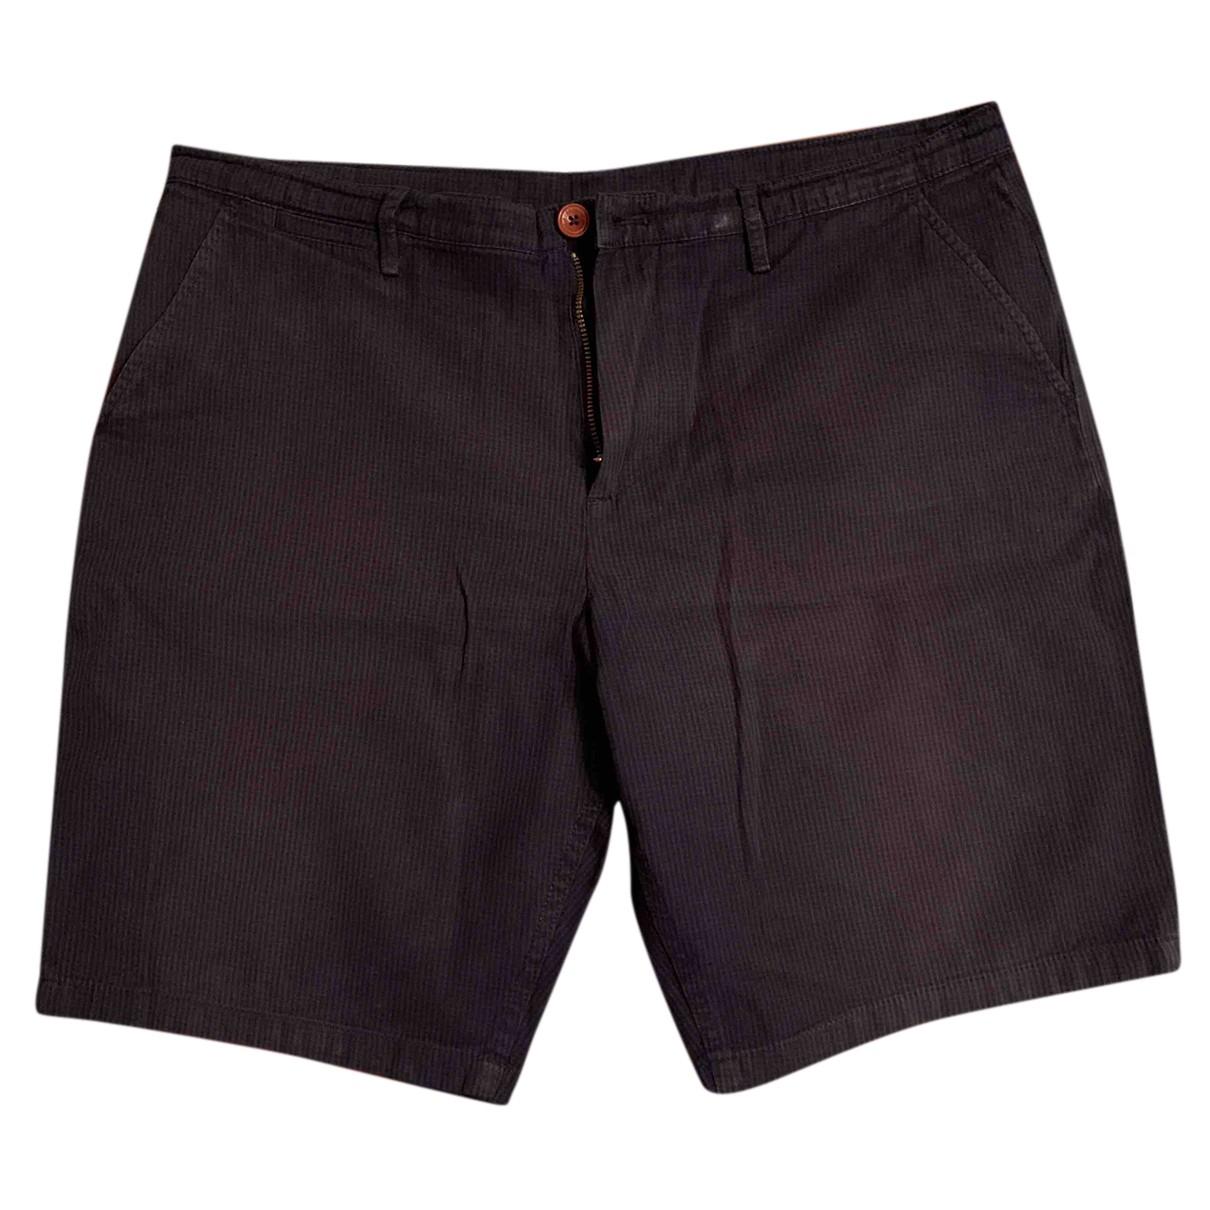 Pantalon corto Fred Perry